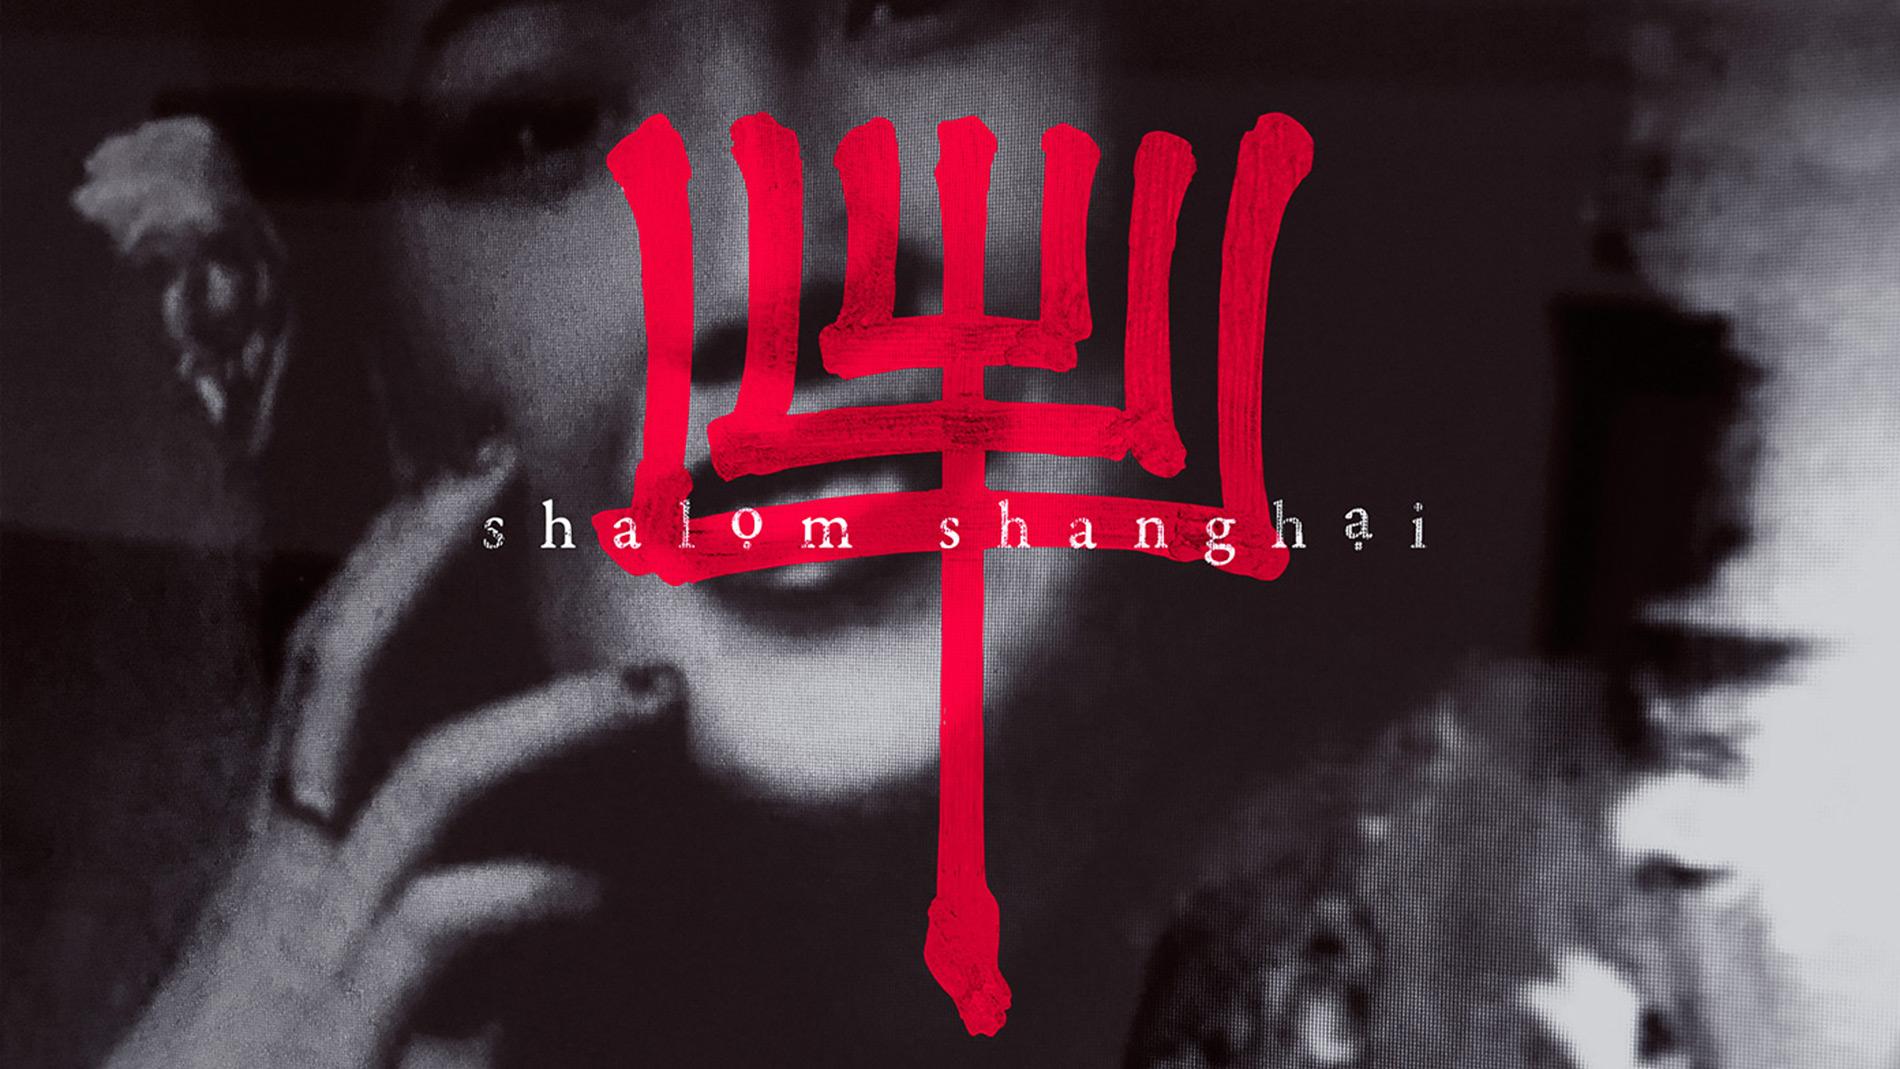 shalom shanghai